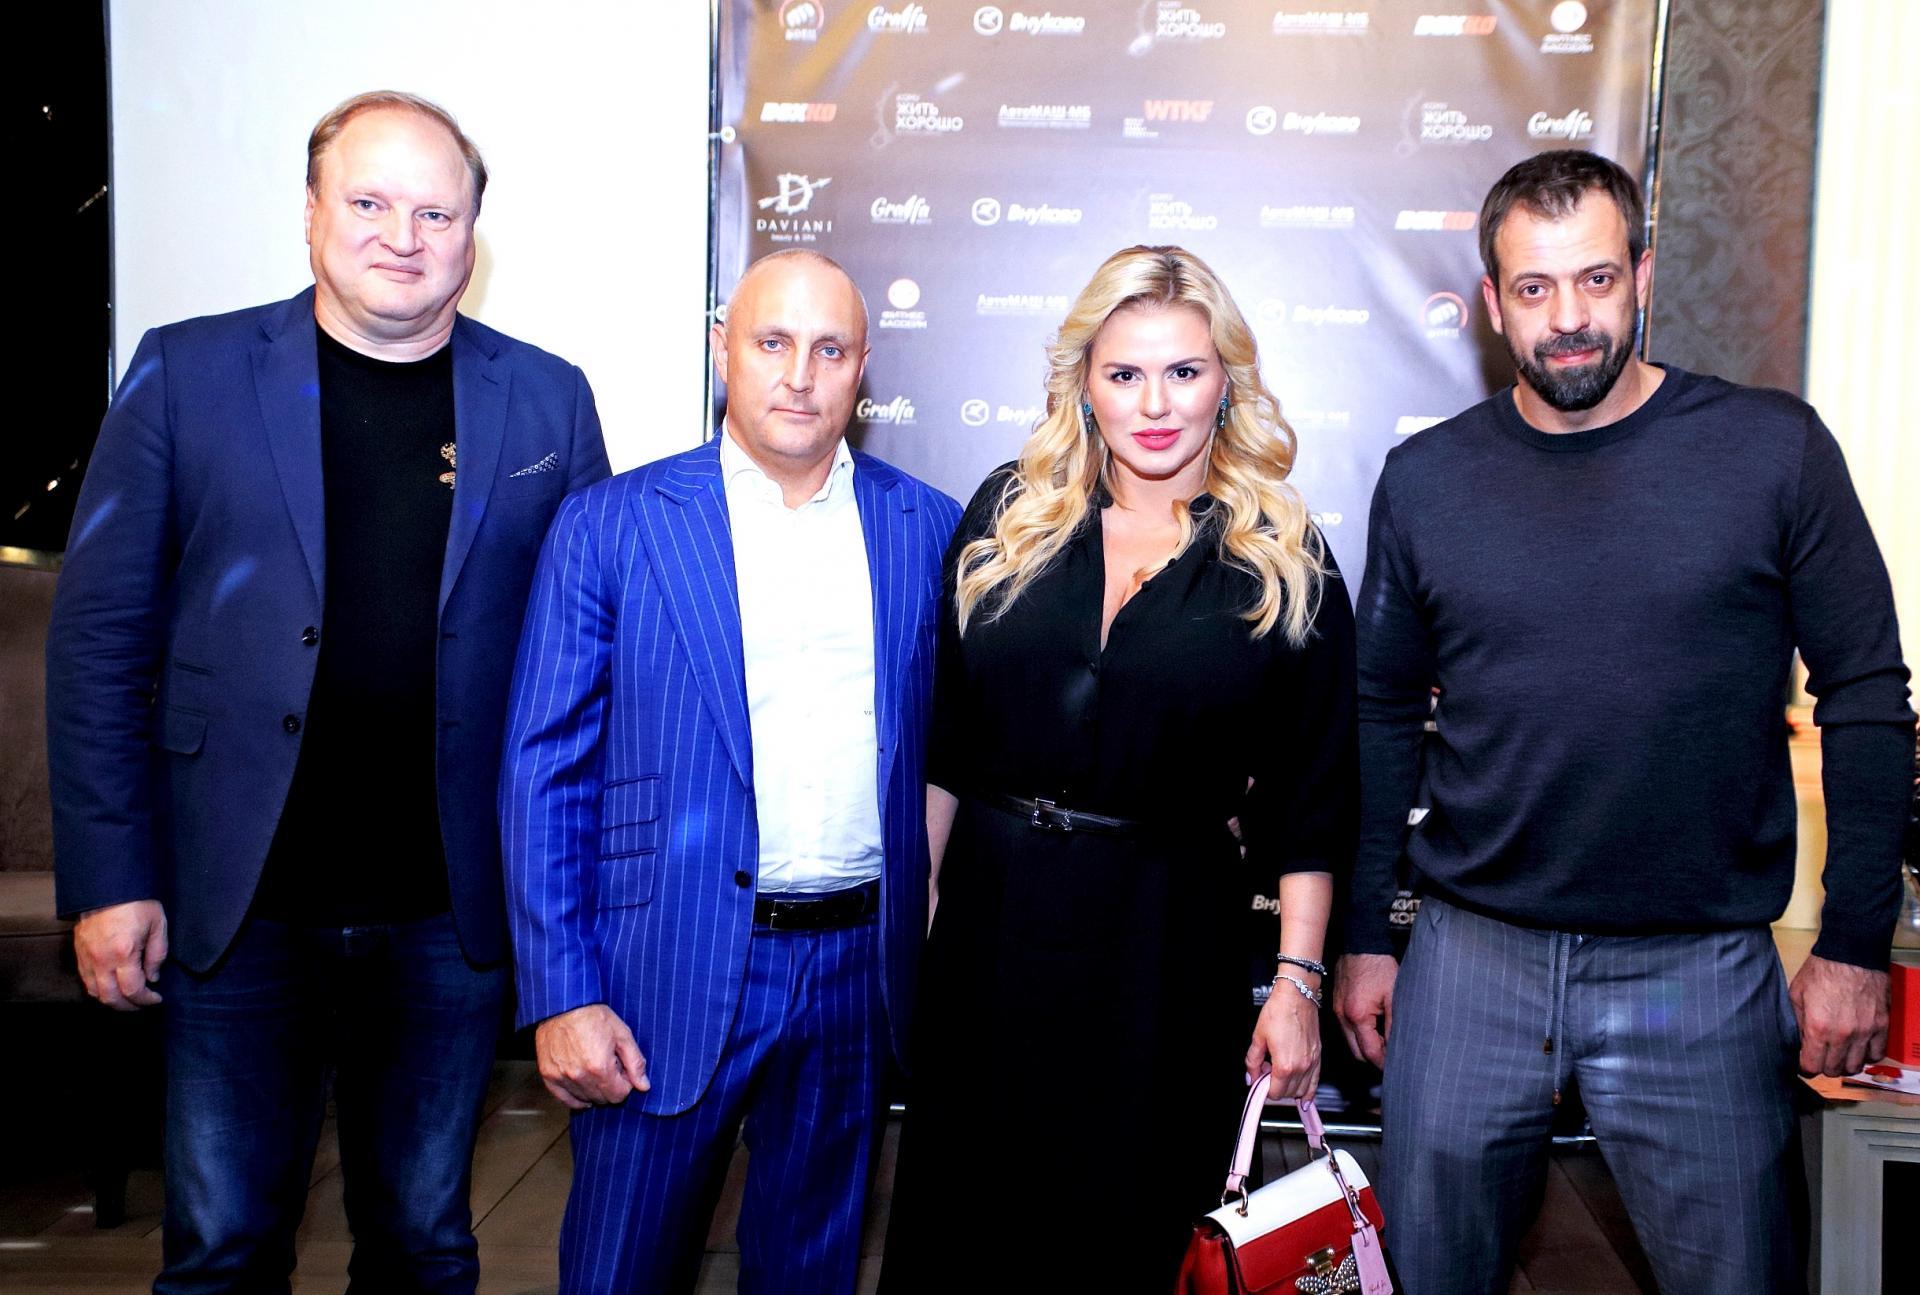 Анна Семенович войдет вжюри общероссийского конкурса красоты исилы Queen ofthe fight-2019